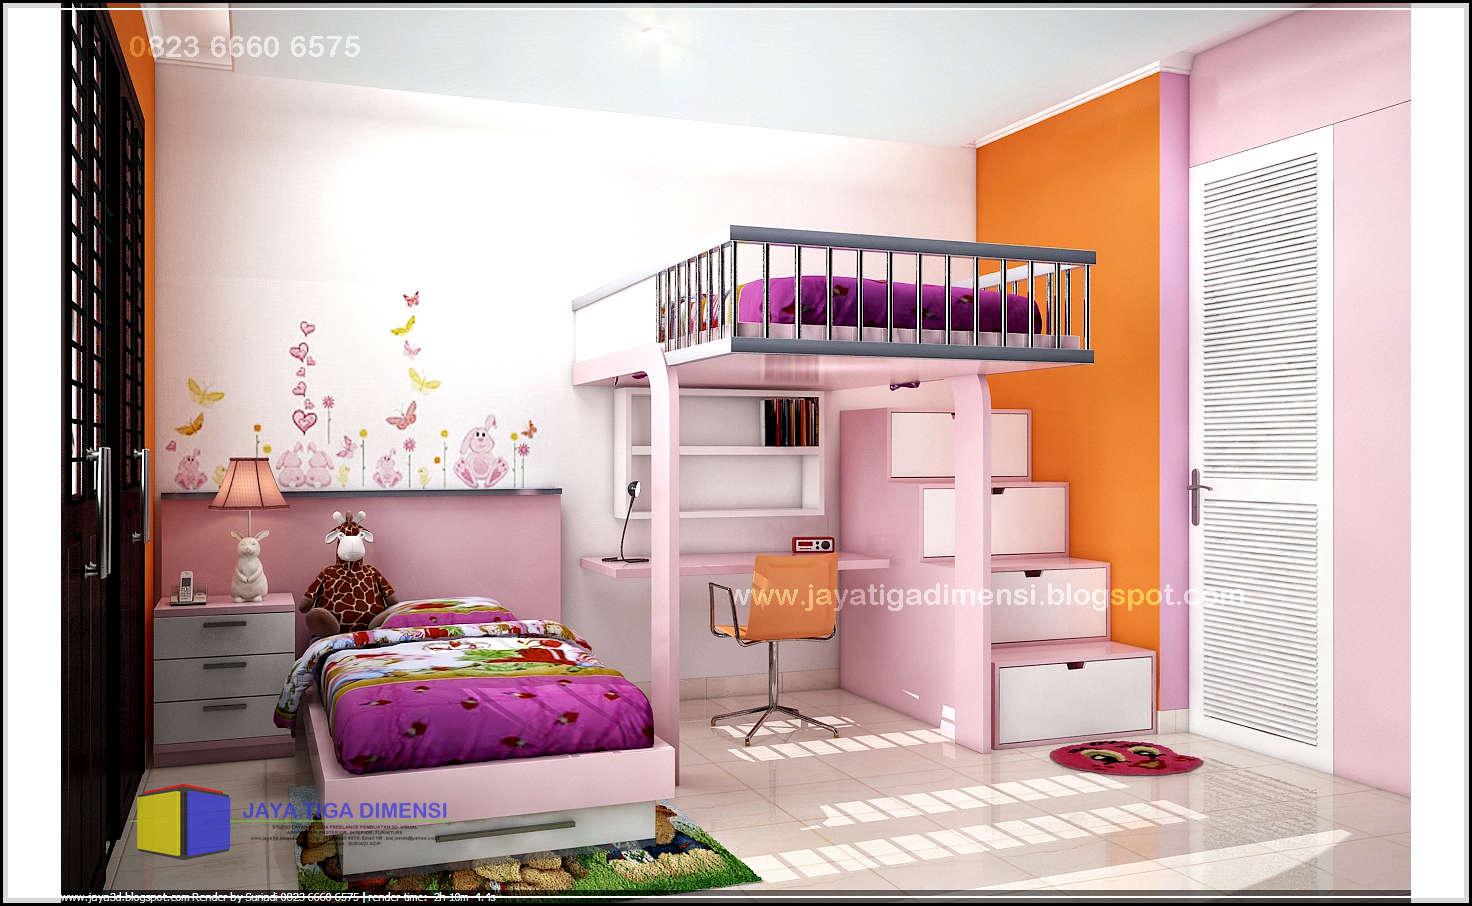 Tata Cara Mendekorasi Kamar Tidur Anak Perempuan Tips Rumah